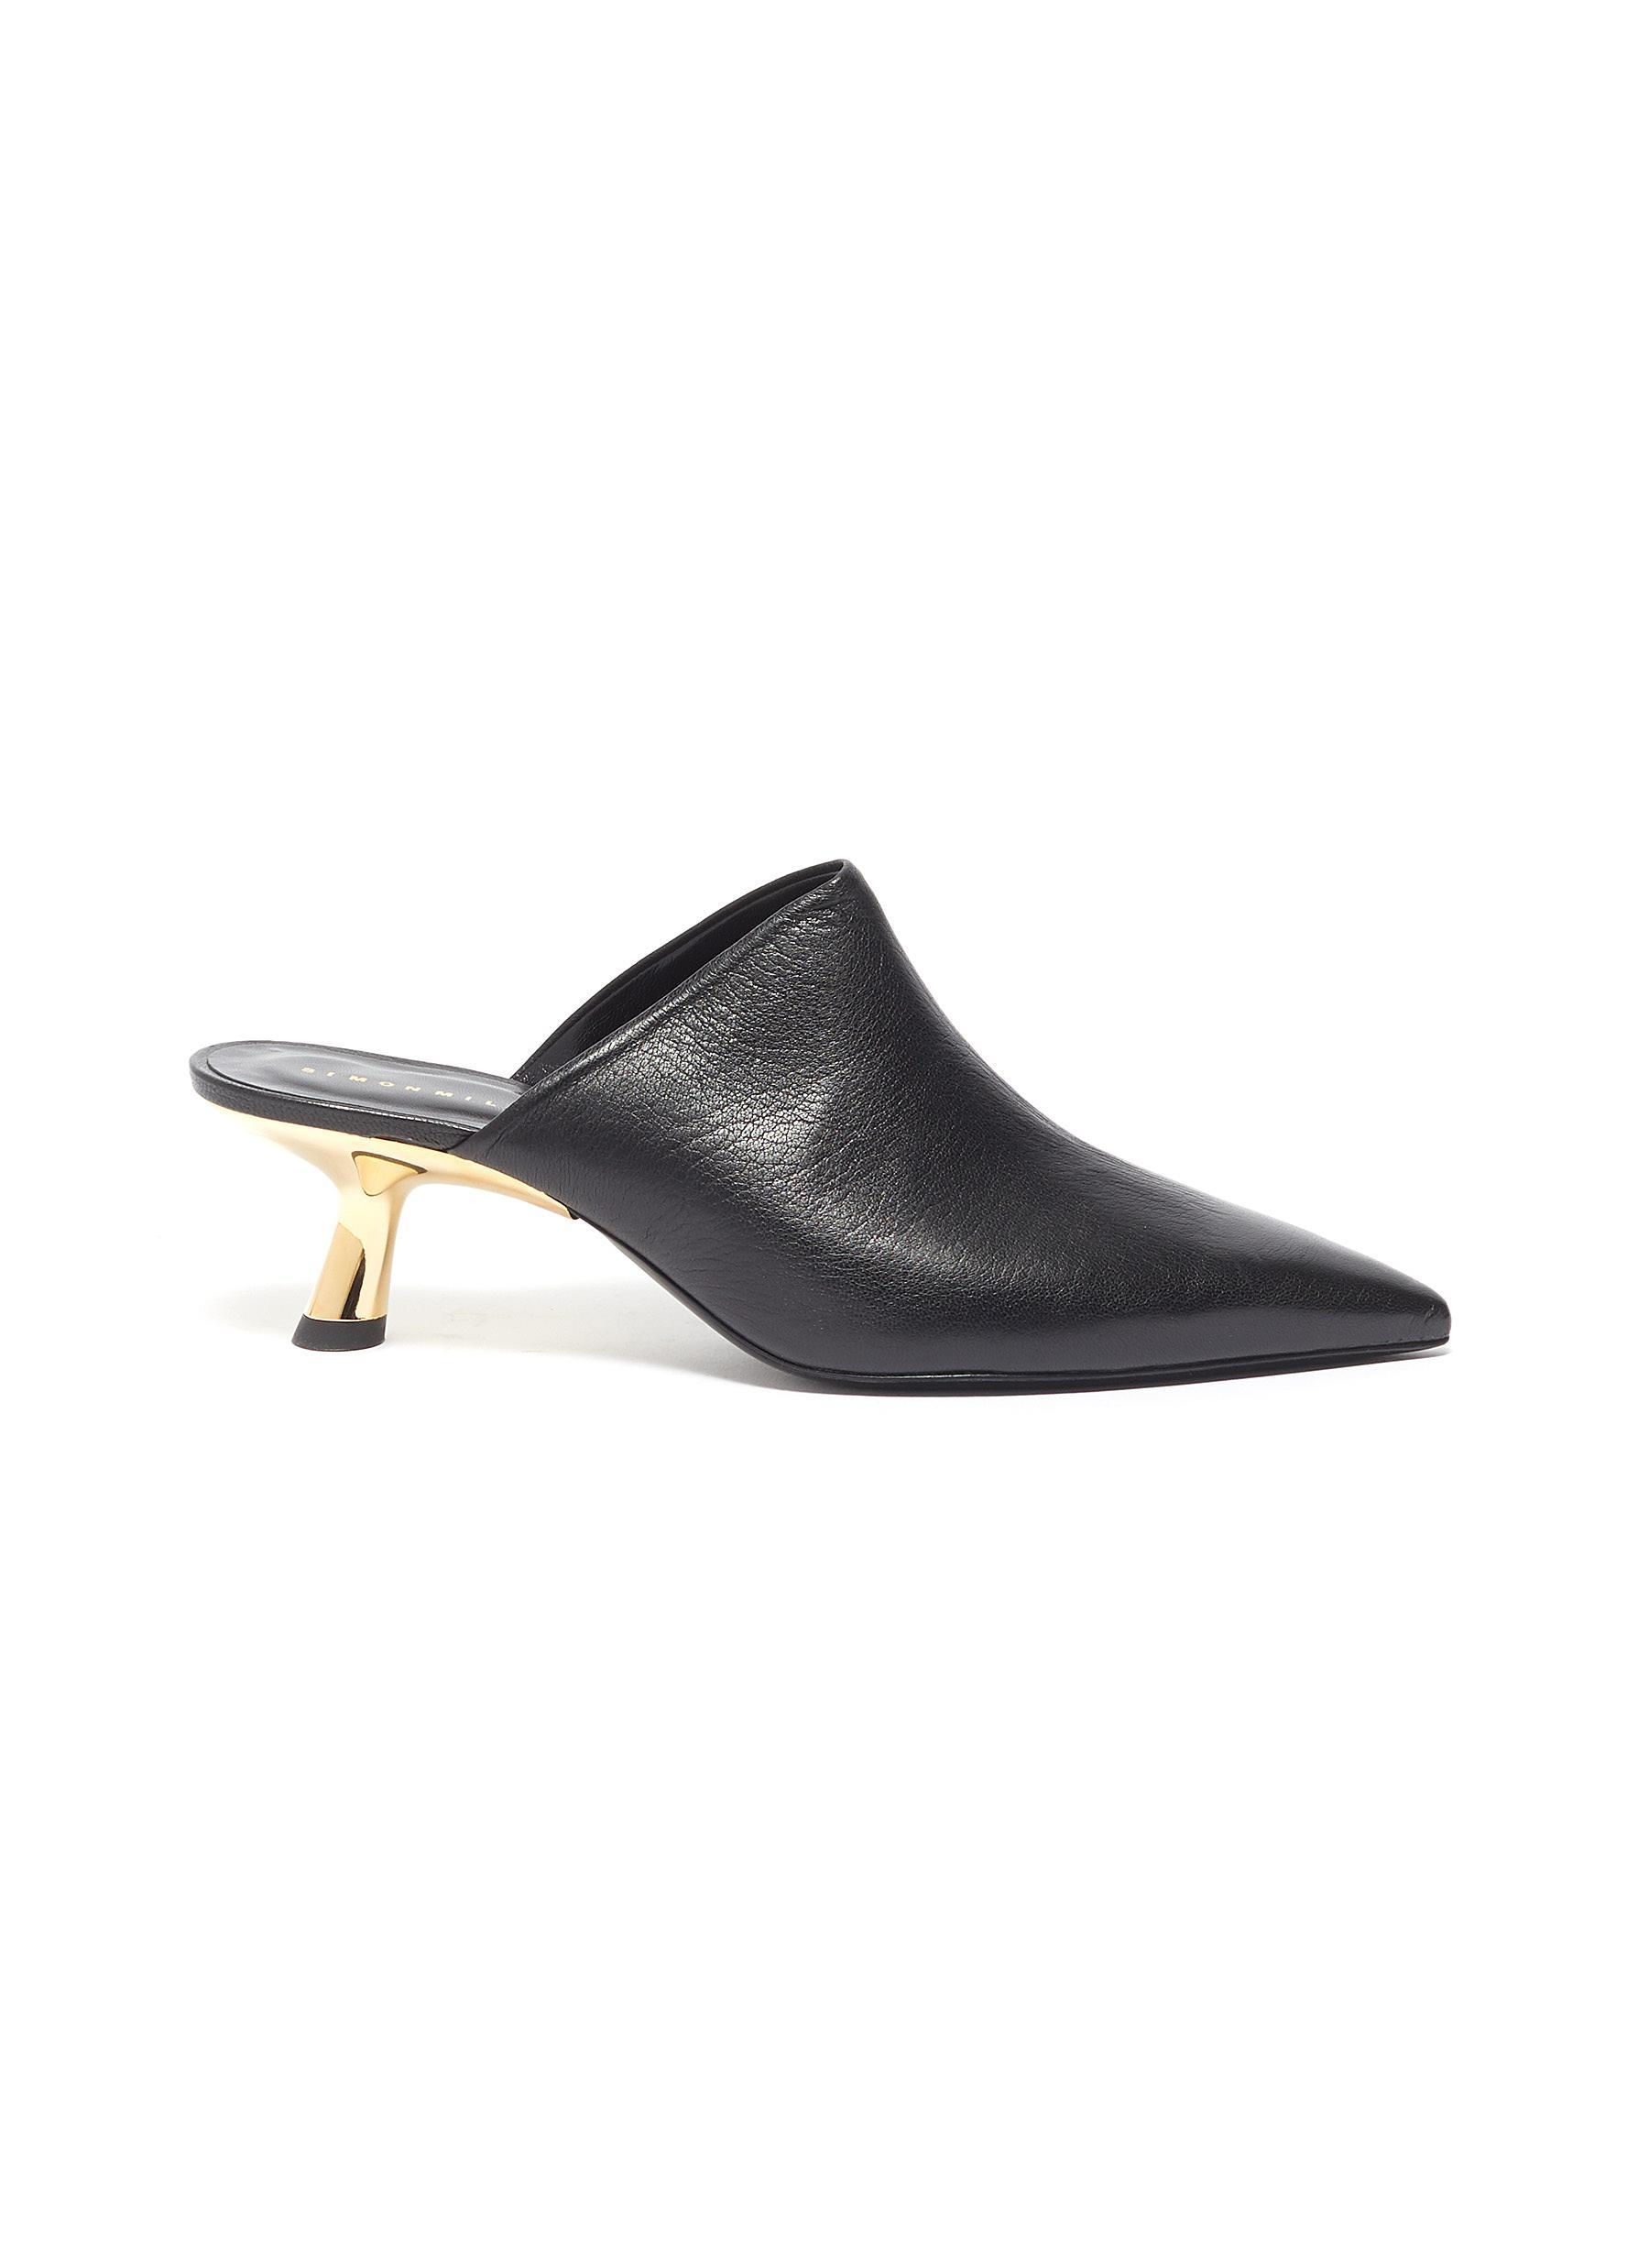 Kicker Tee metal heel leather mules by Simon Miller